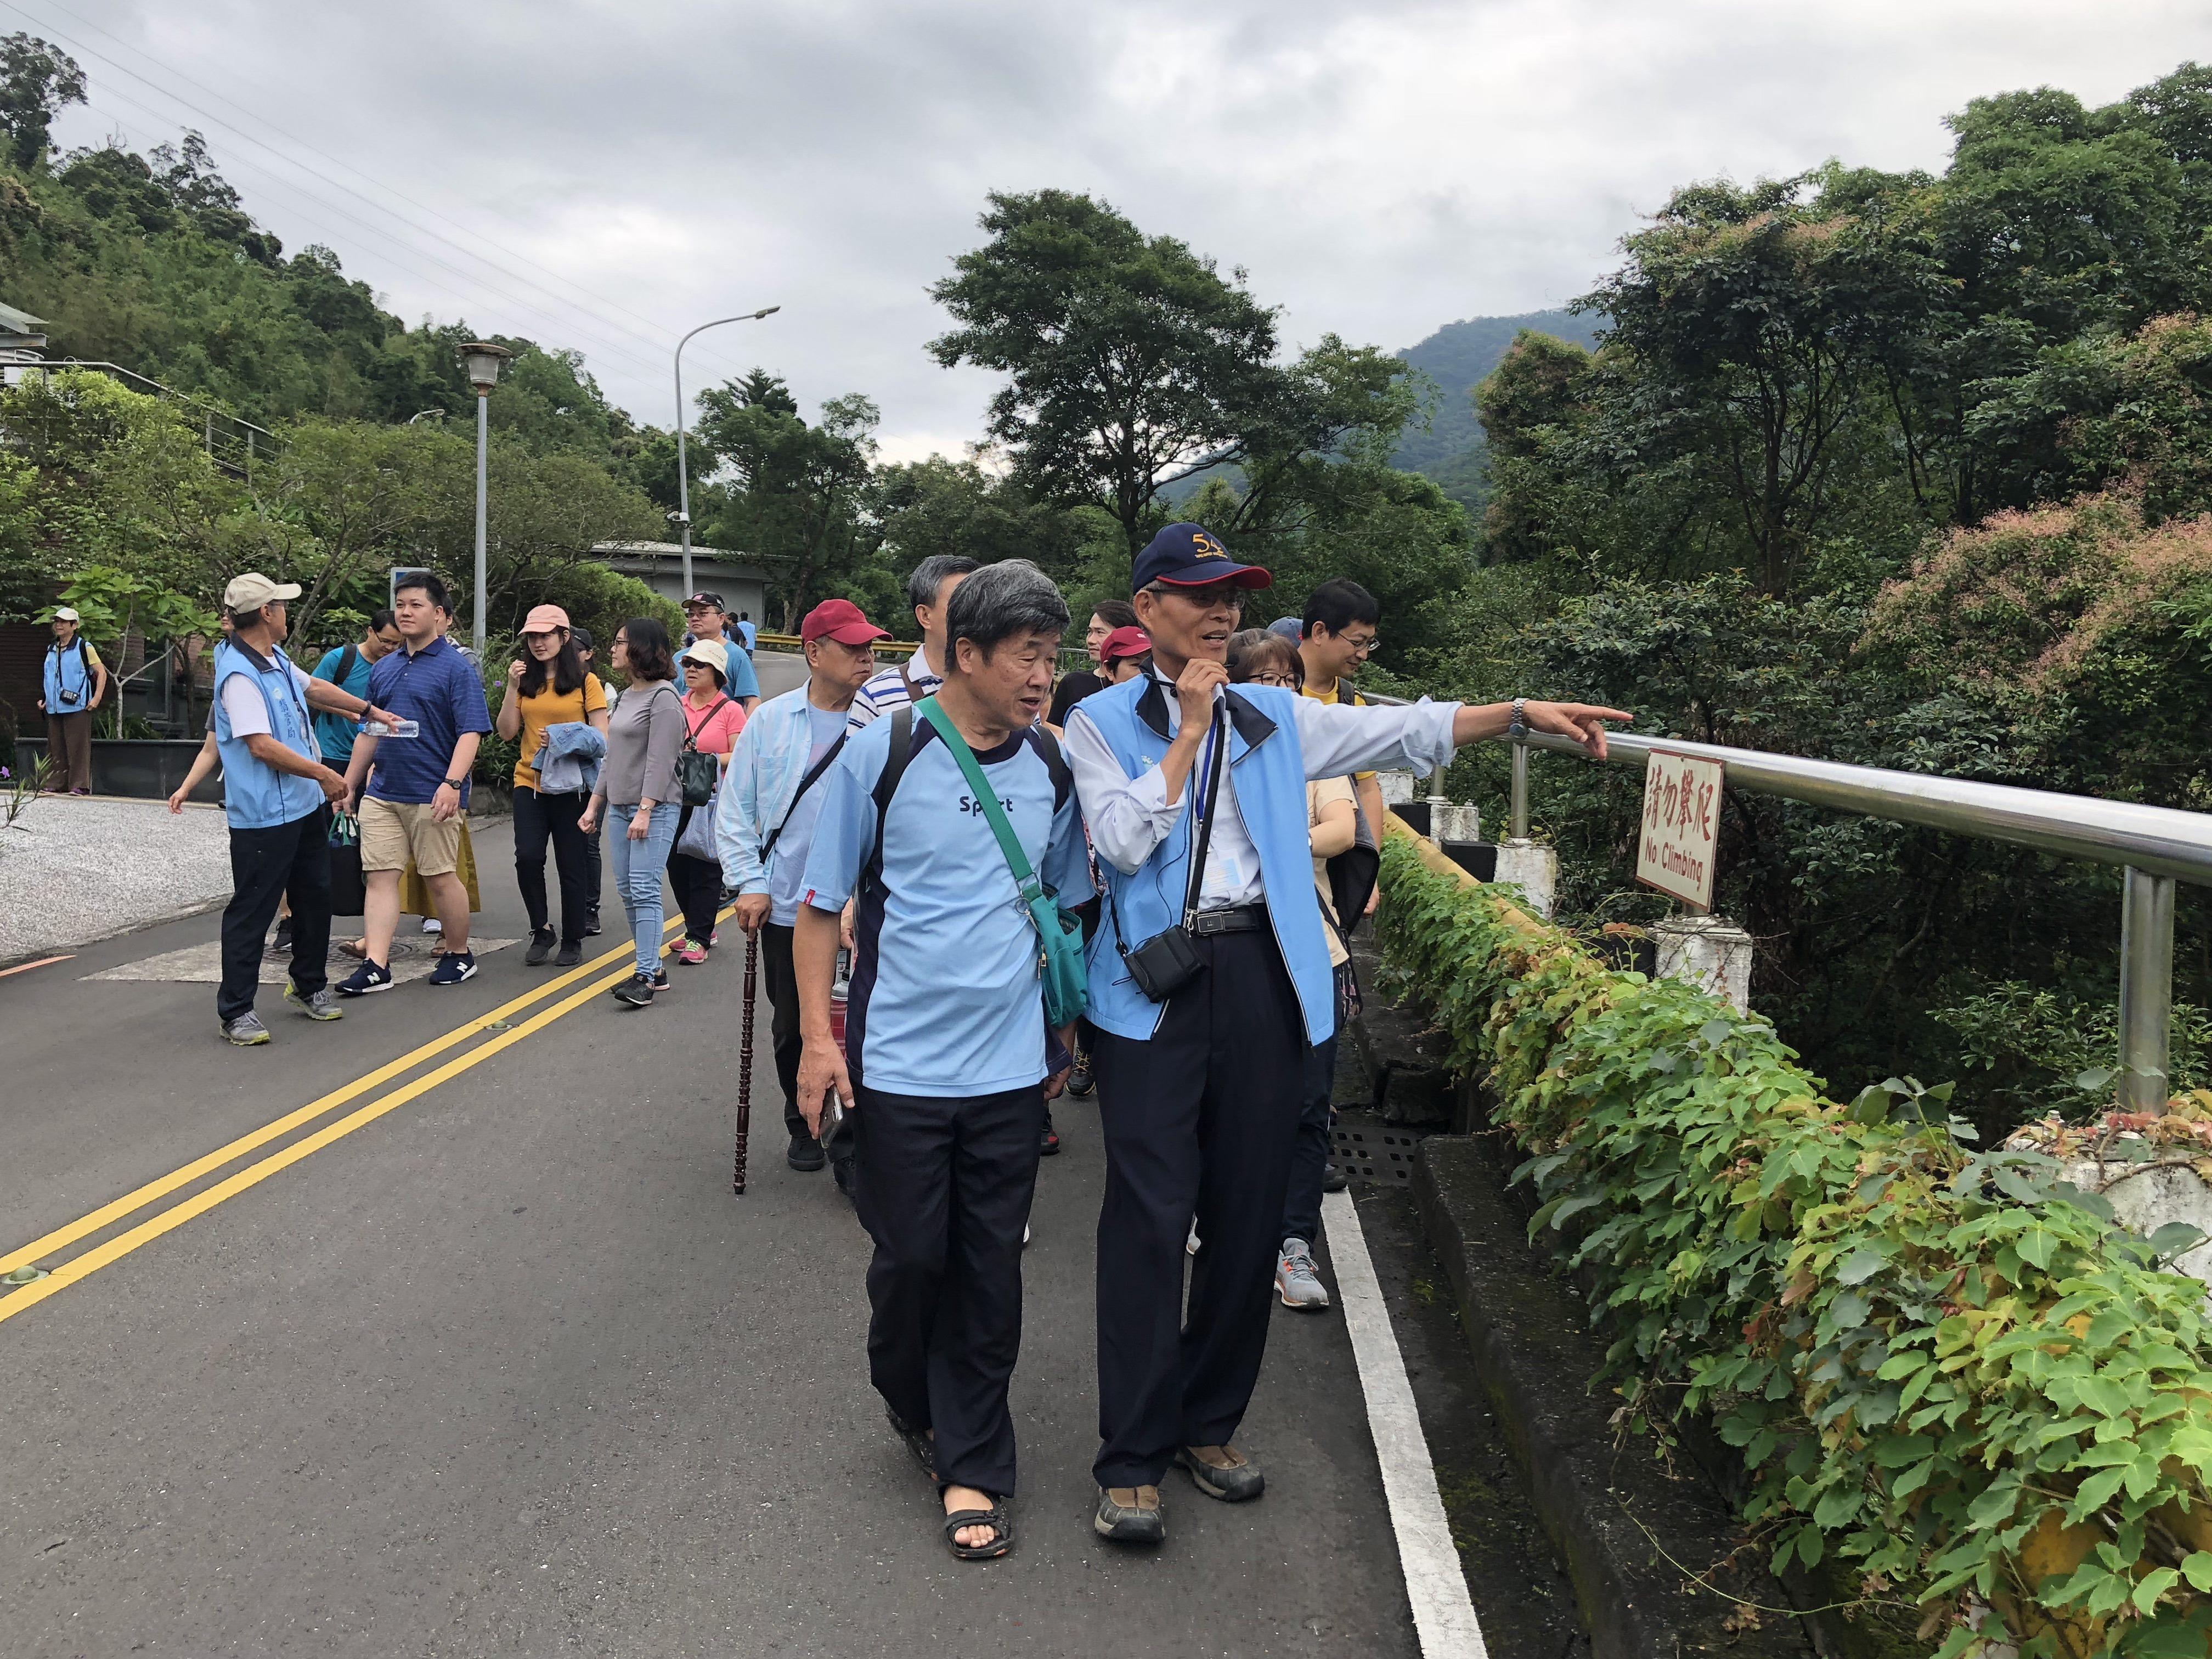 圖片說明:108年6月1日(週六)志工老師沿途為民眾介紹水庫風光